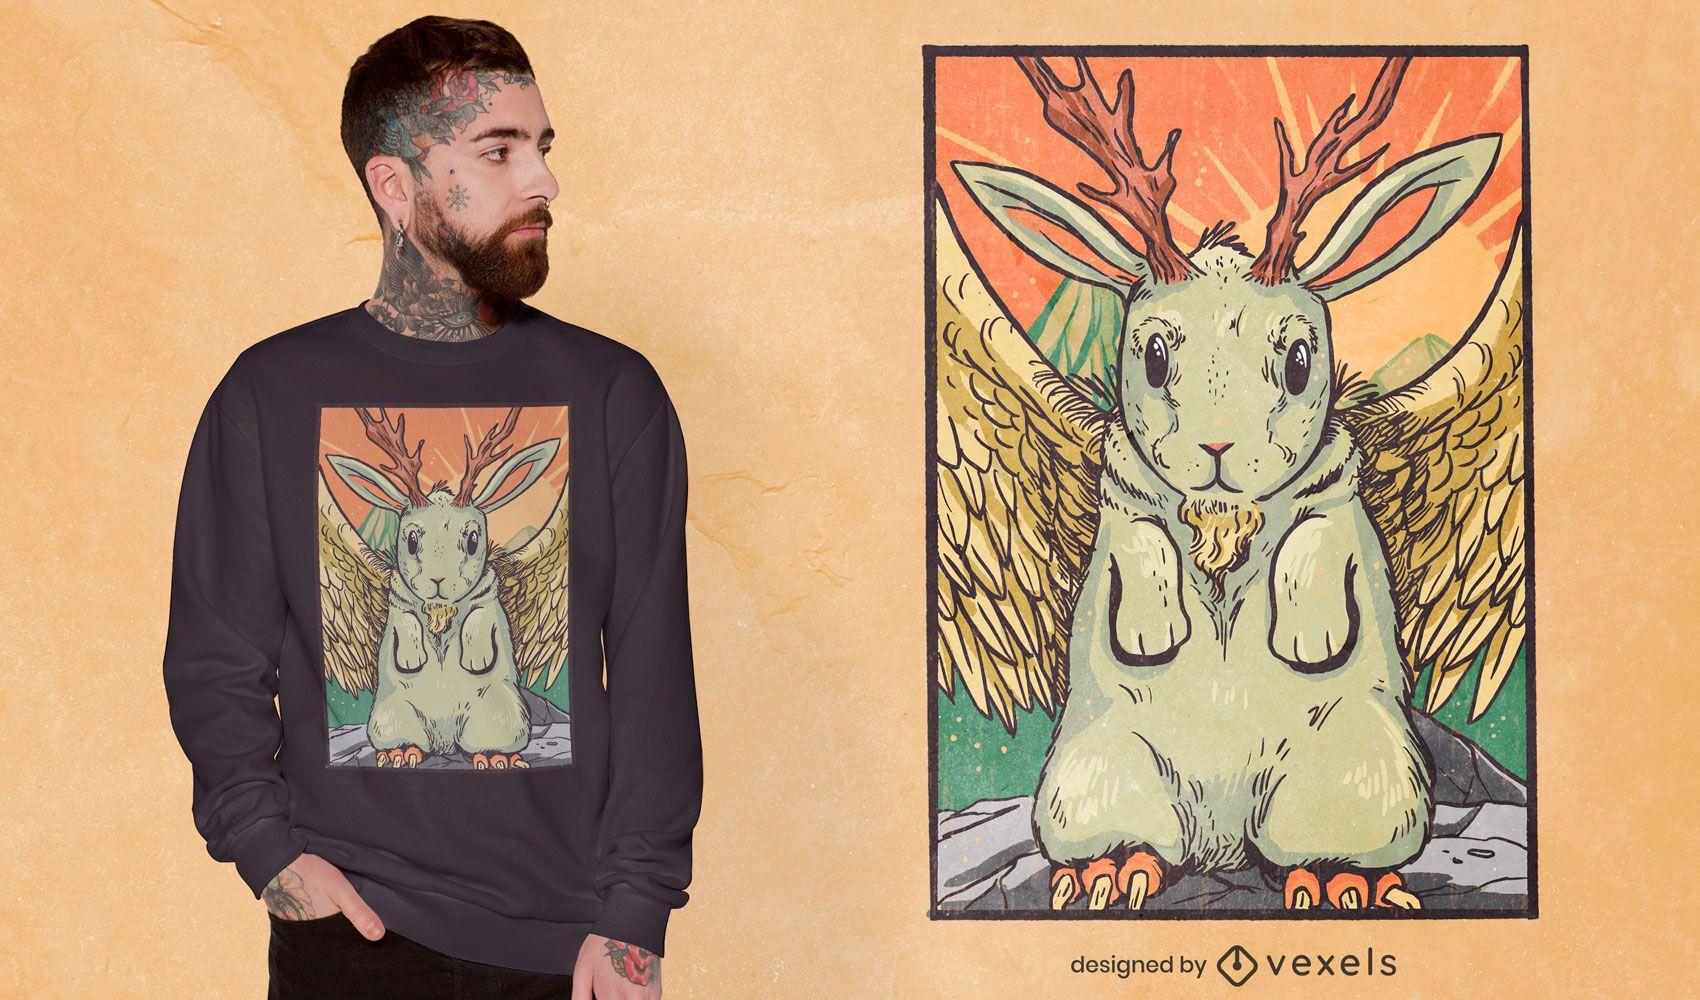 Diseño de camiseta de criatura mítica de conejo.